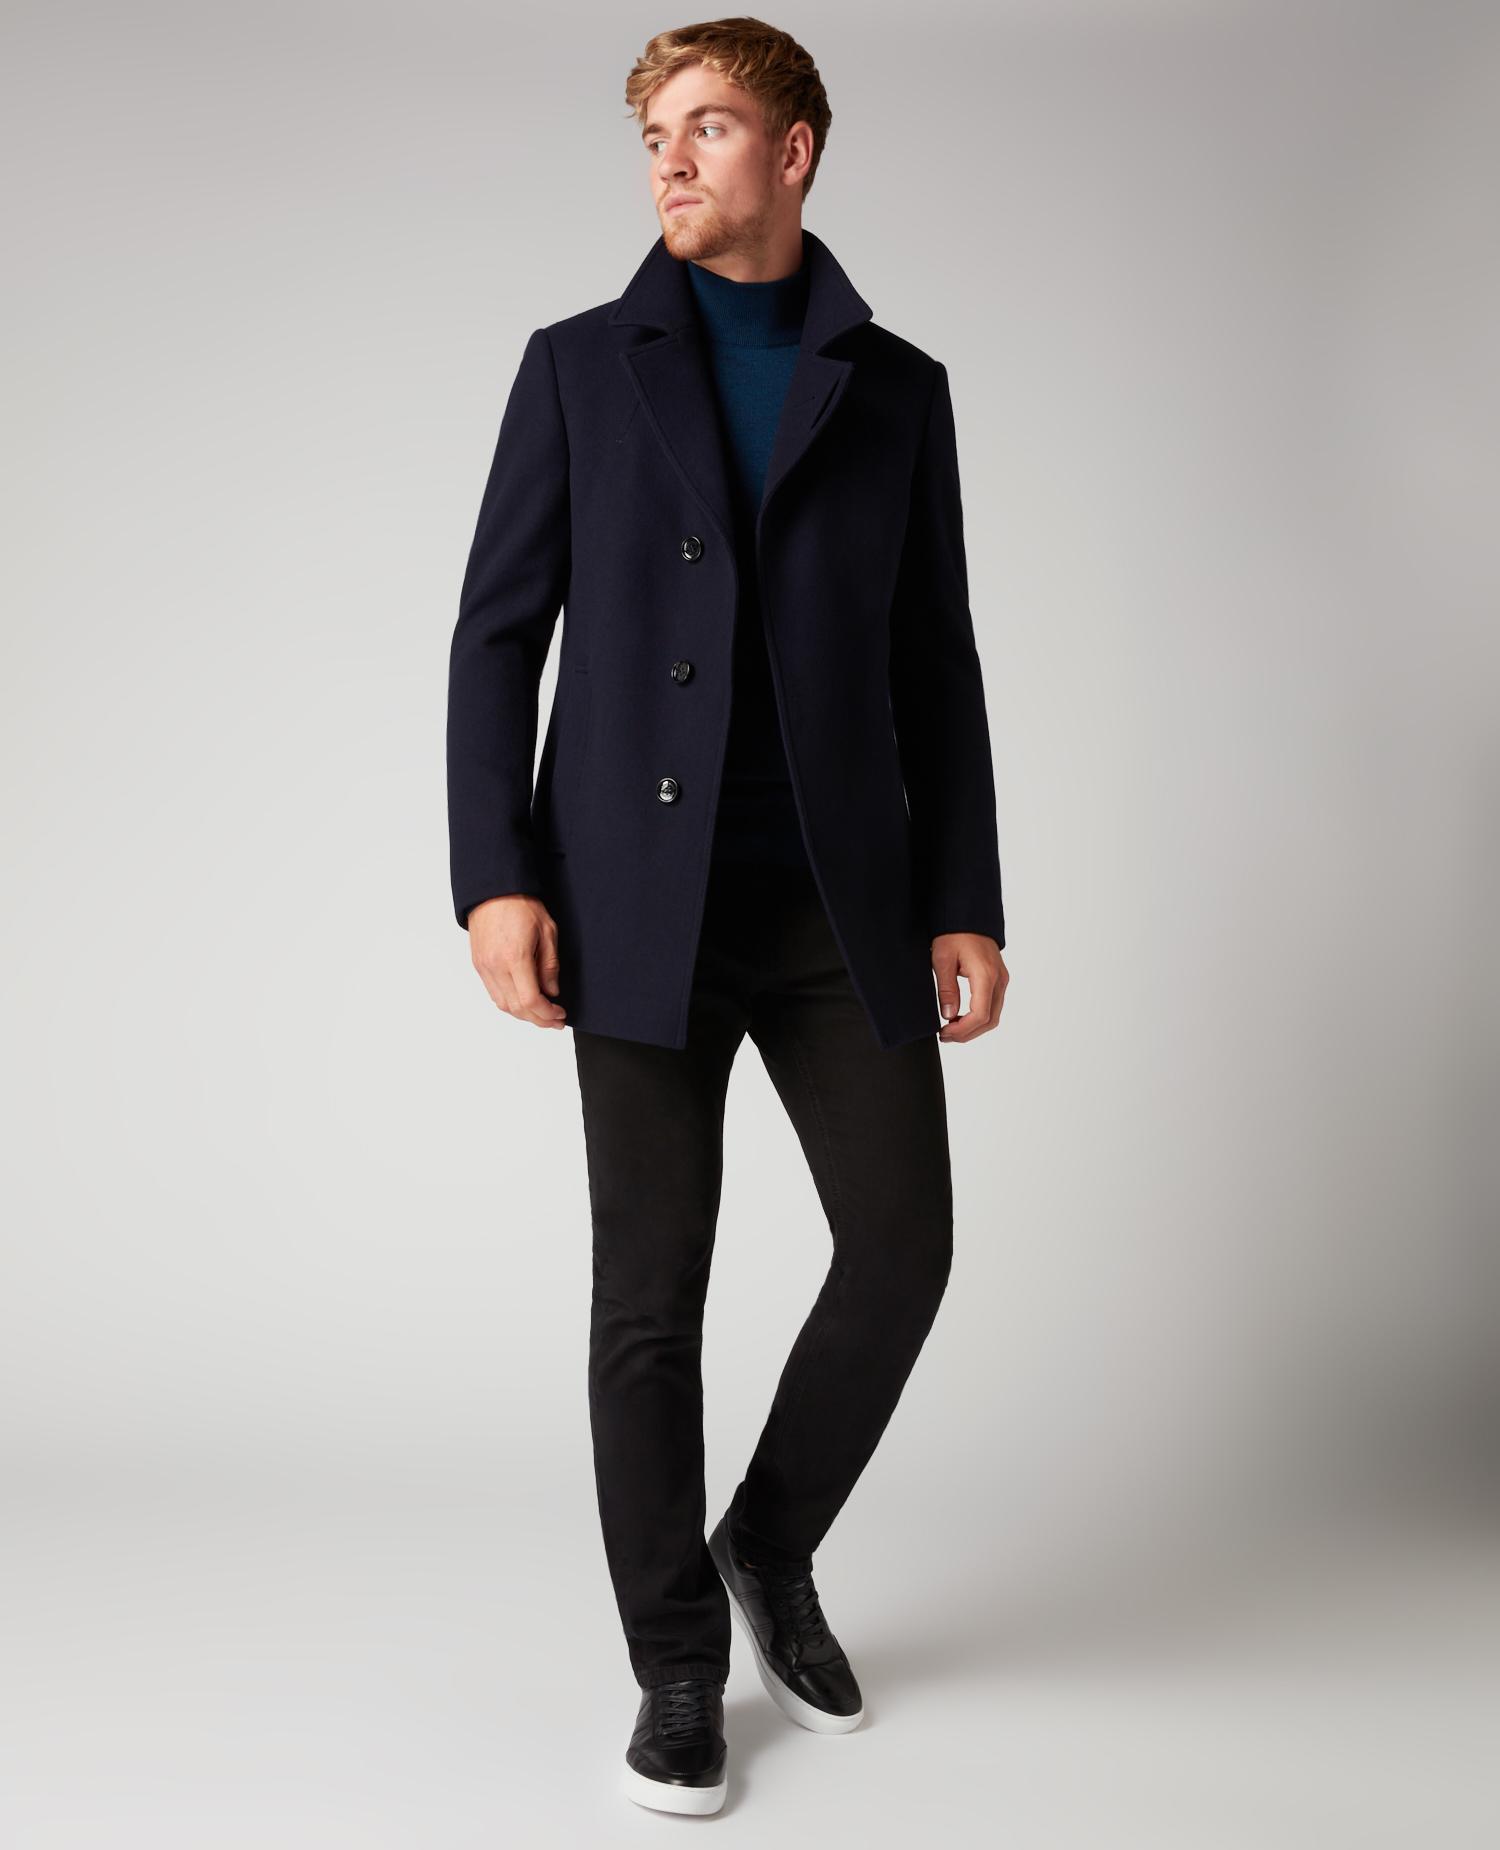 Remus Uomo Navy wool overcoat